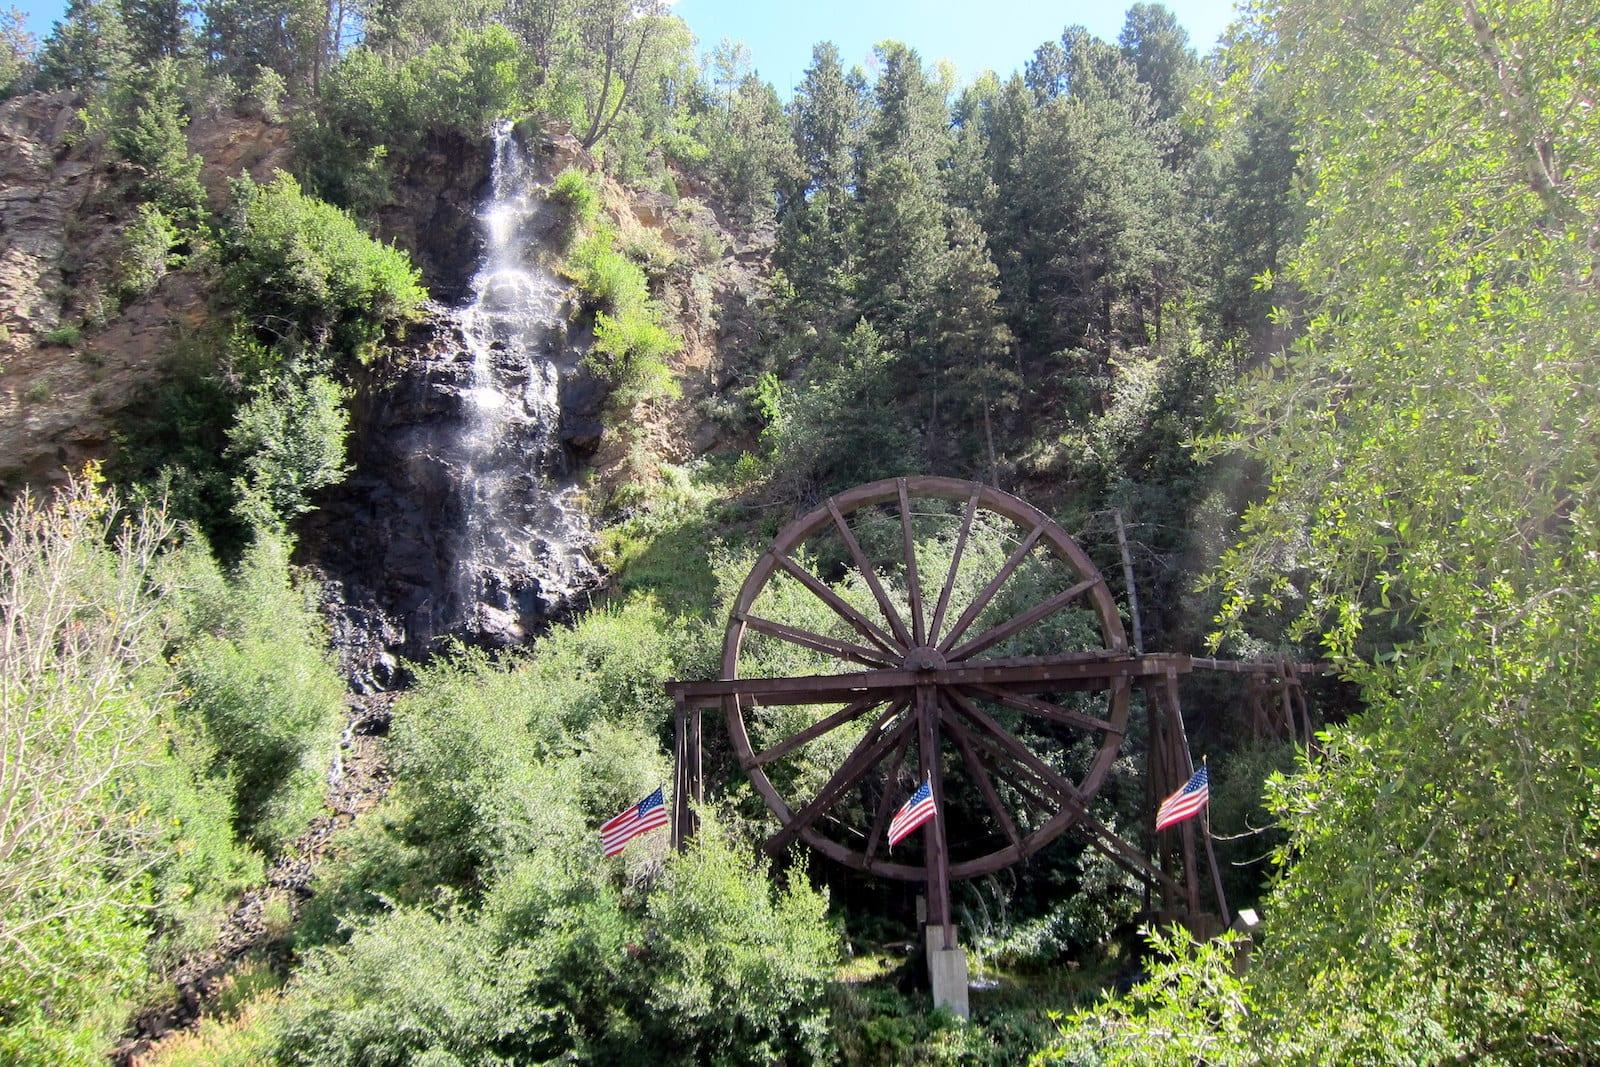 Bridal Veil Falls & Charlie Tayler Water Wheel, Idaho Springs